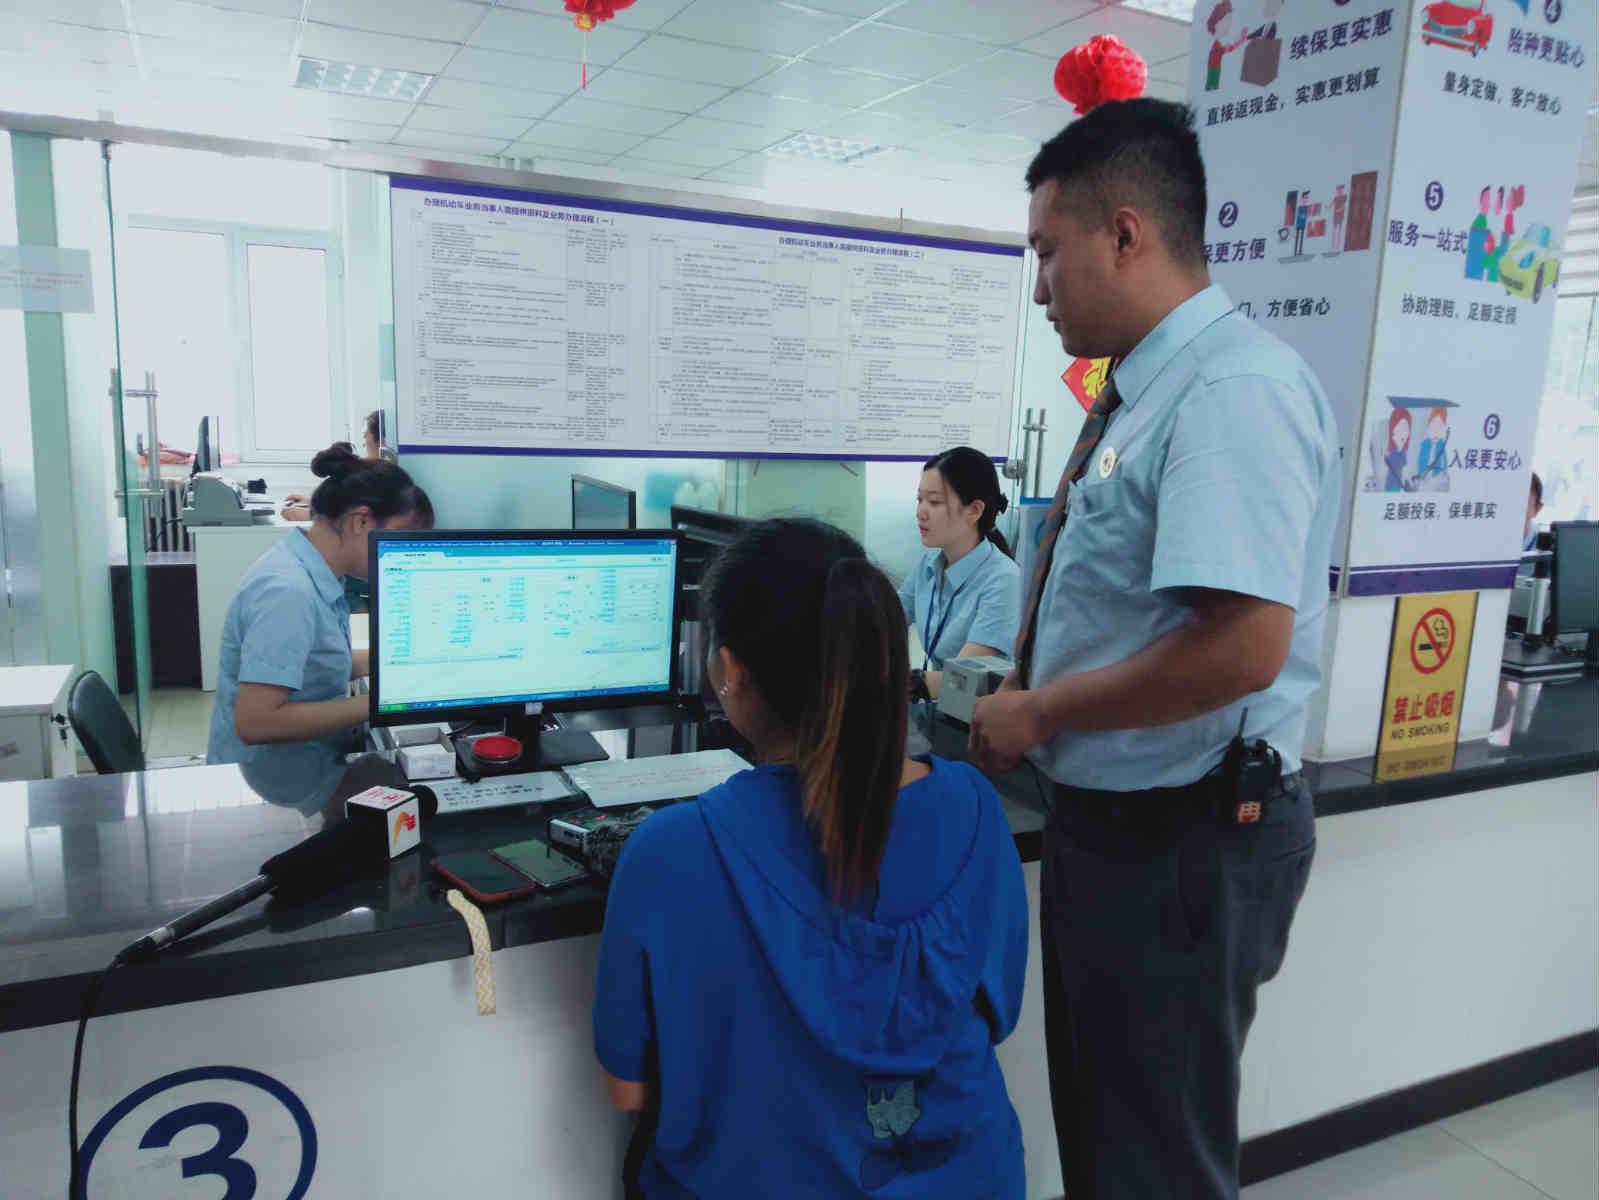 公安交管6项新举措9月20日起推行